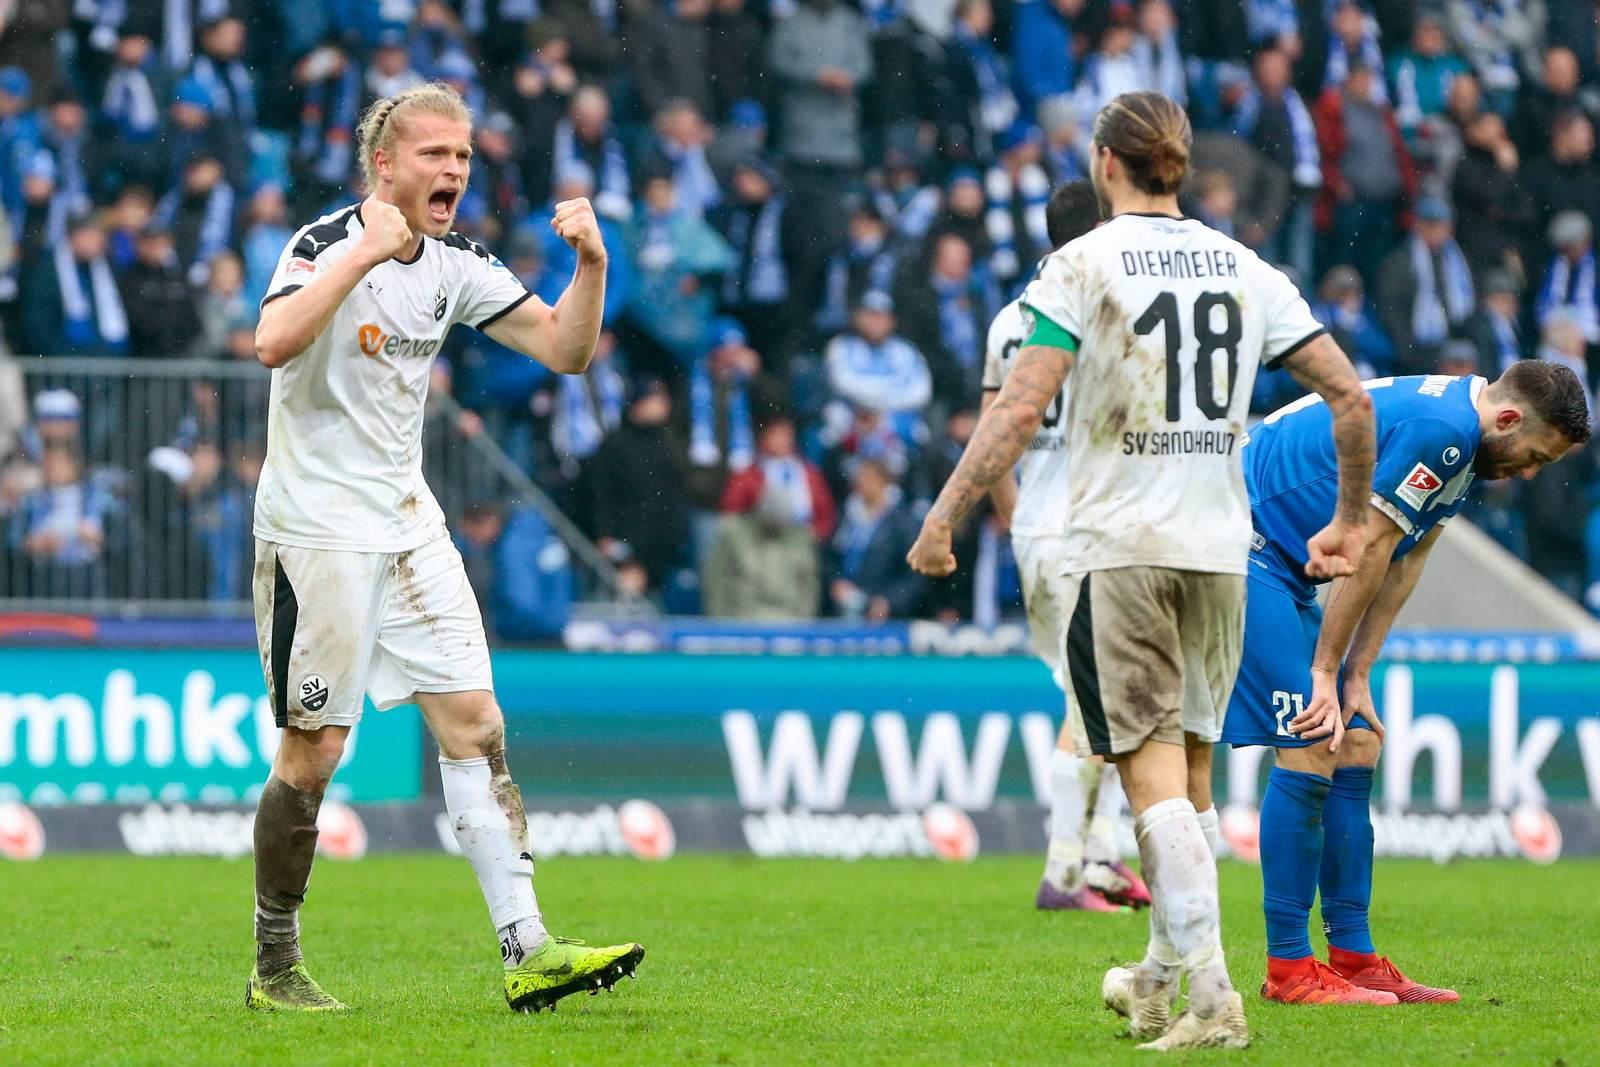 Jesper Verlaat jubelt mit Dennis Diekmeier